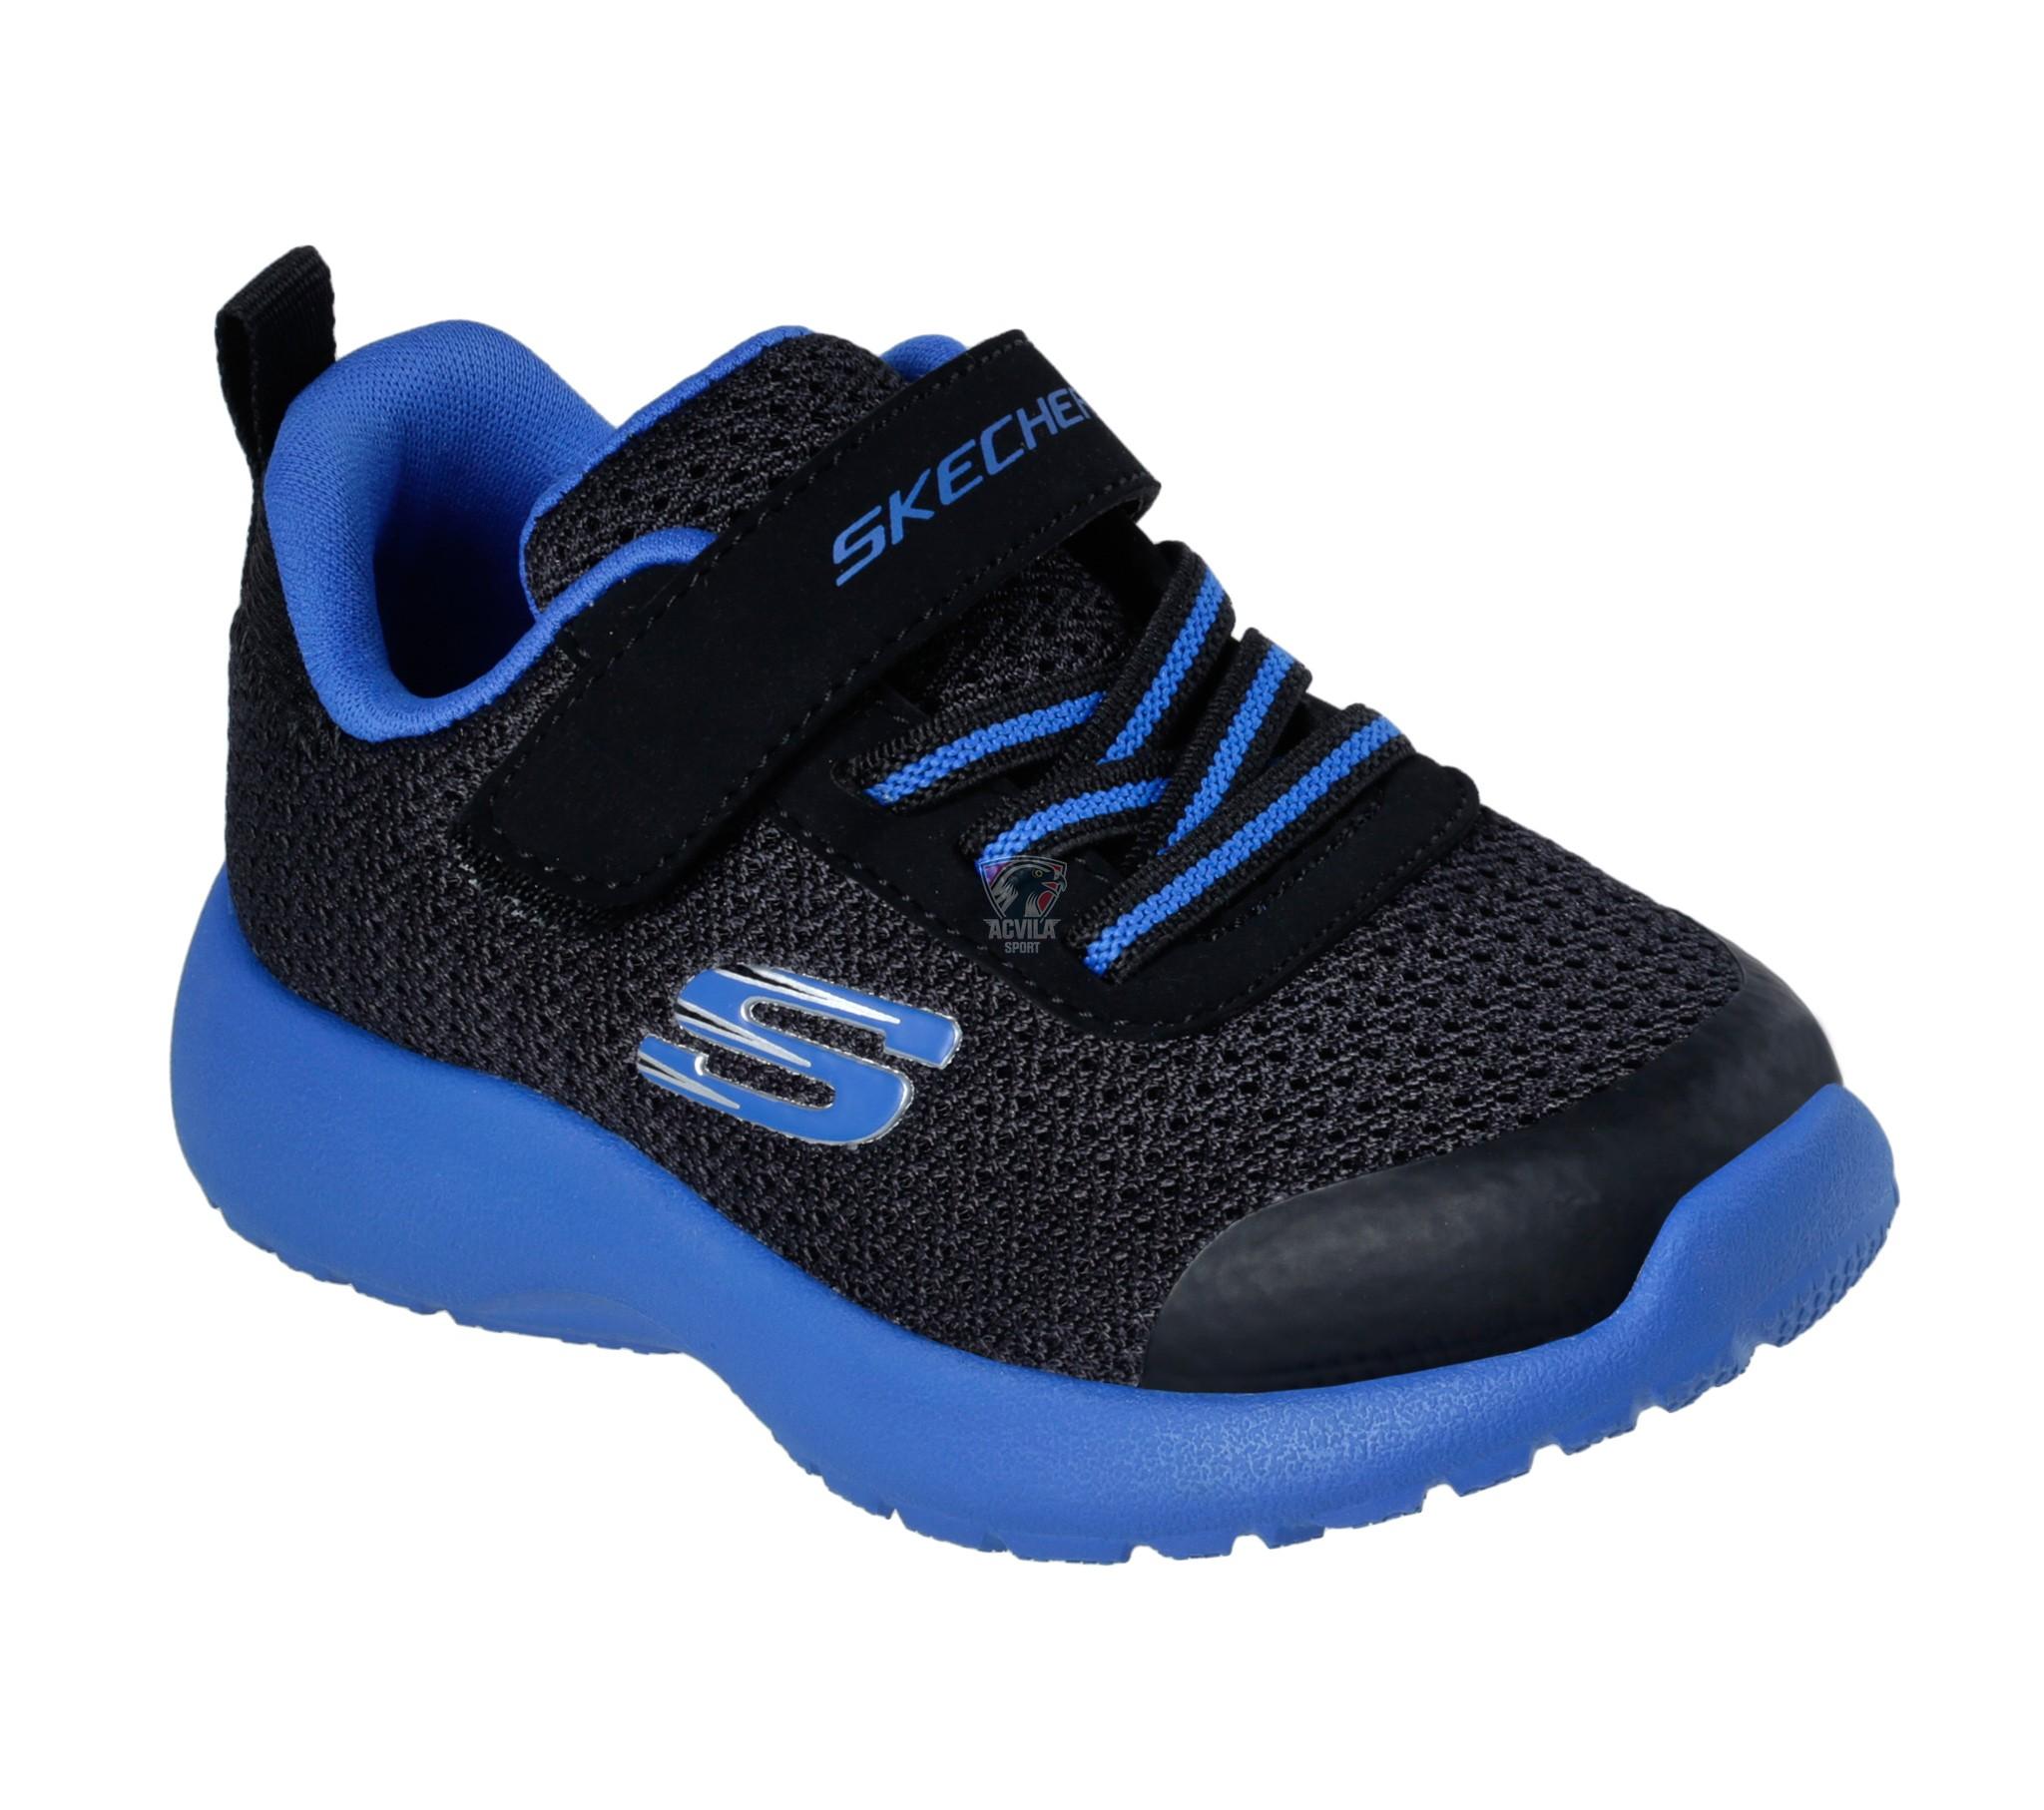 photo 0 Спортивная детская обувь SKECHERS DYNAMIGHT ULTRA TORQUE